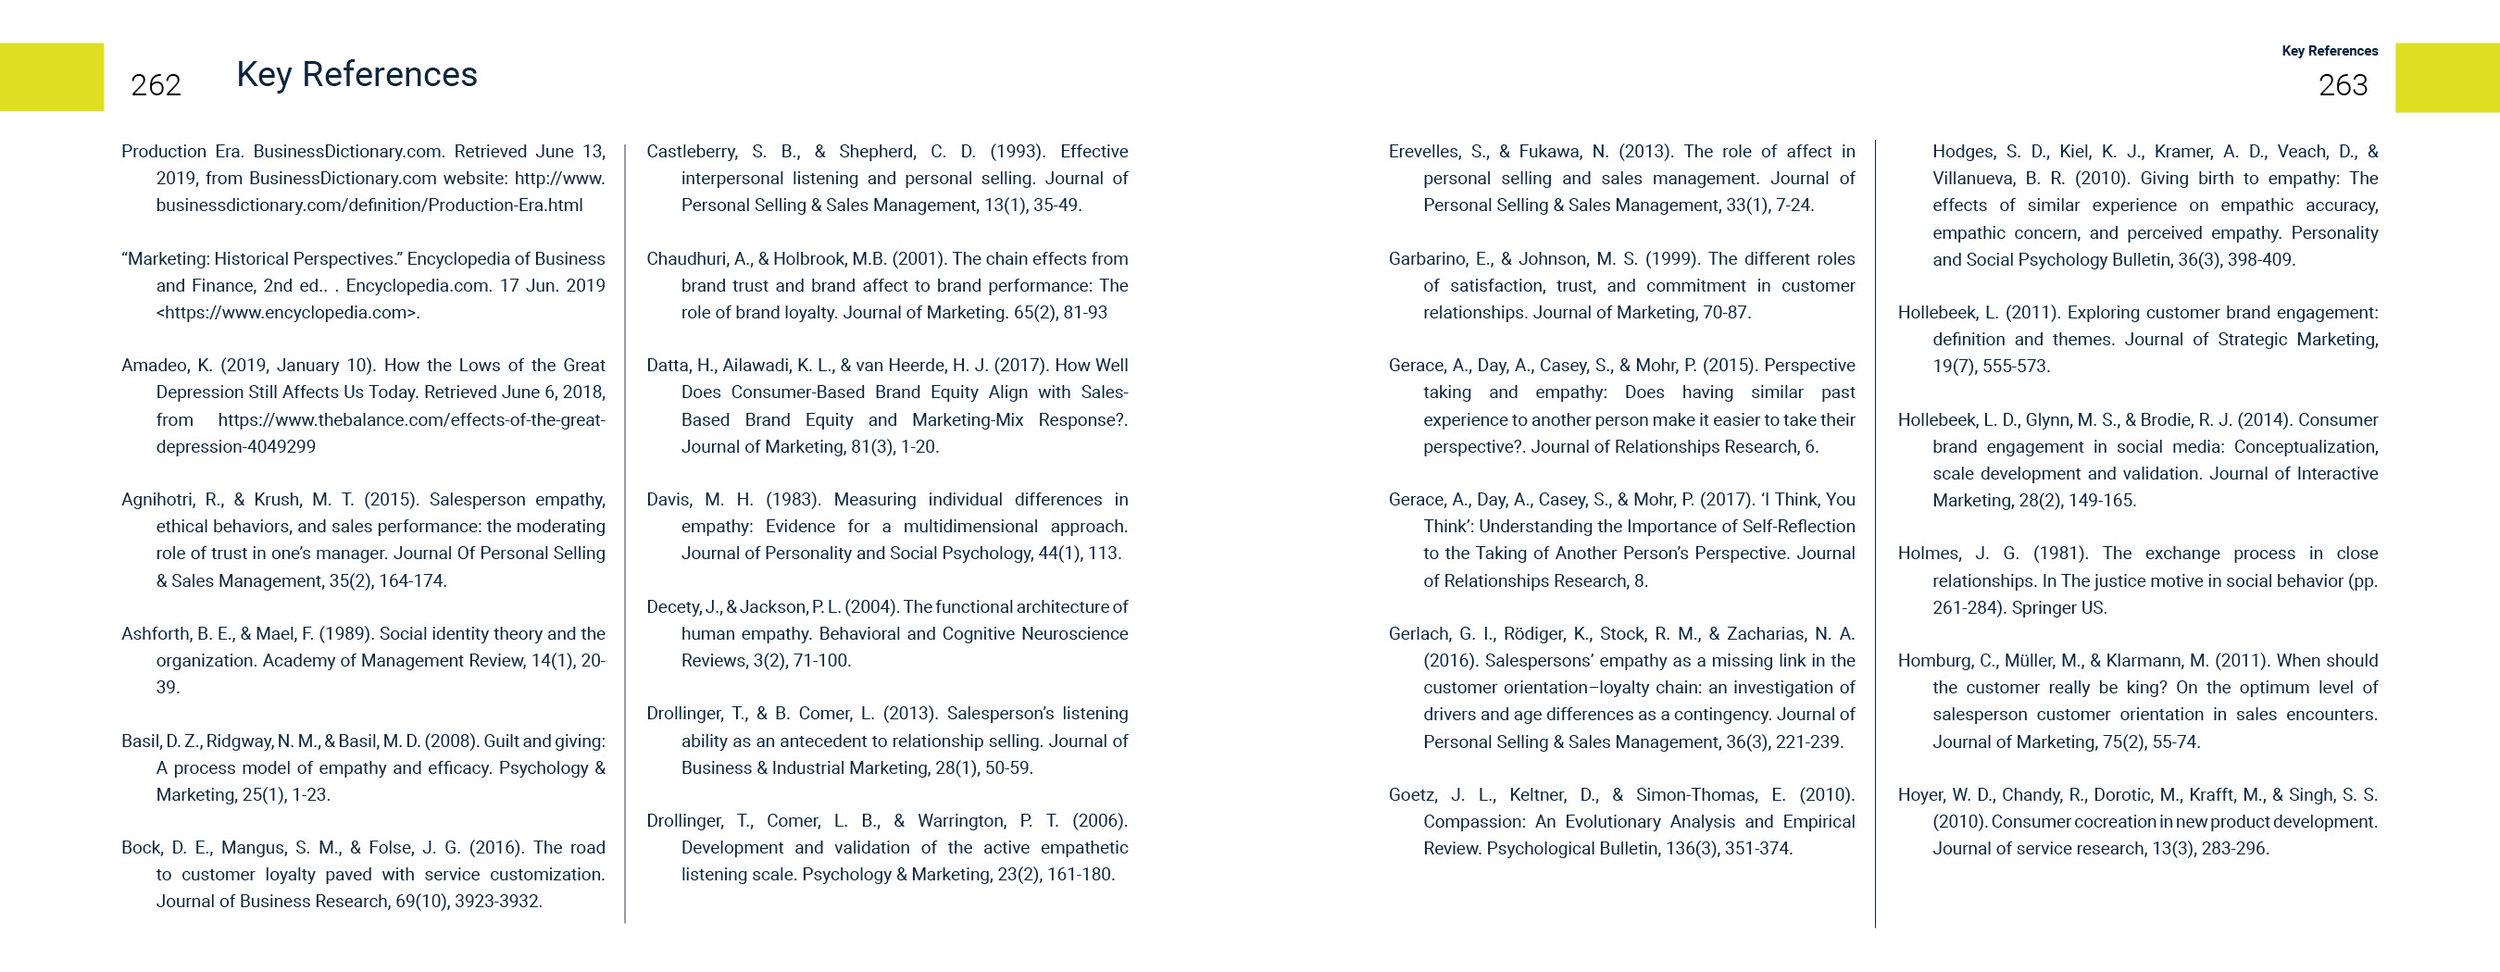 FervorWorks-Book-9.4x7.3-DESIGN316.jpg